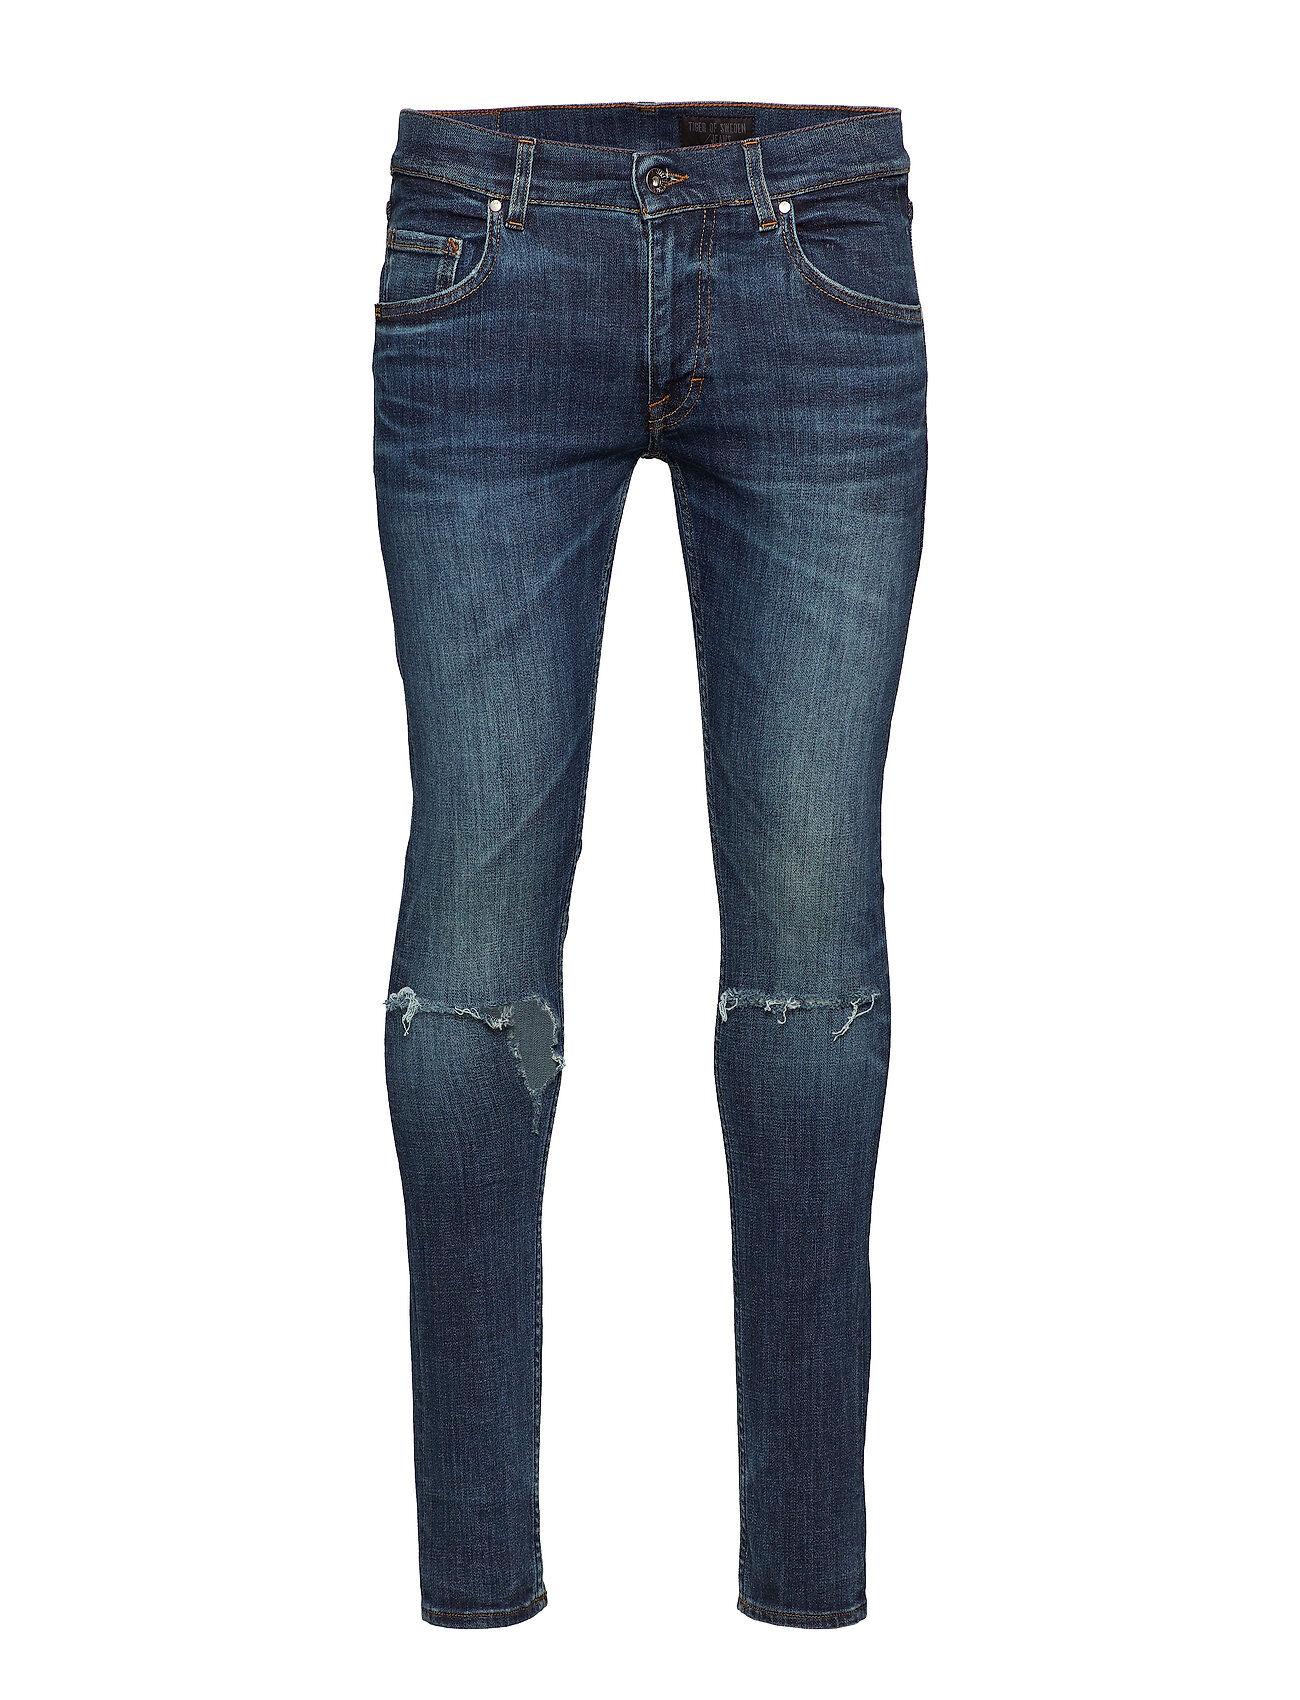 Tiger of Sweden Jeans Slim